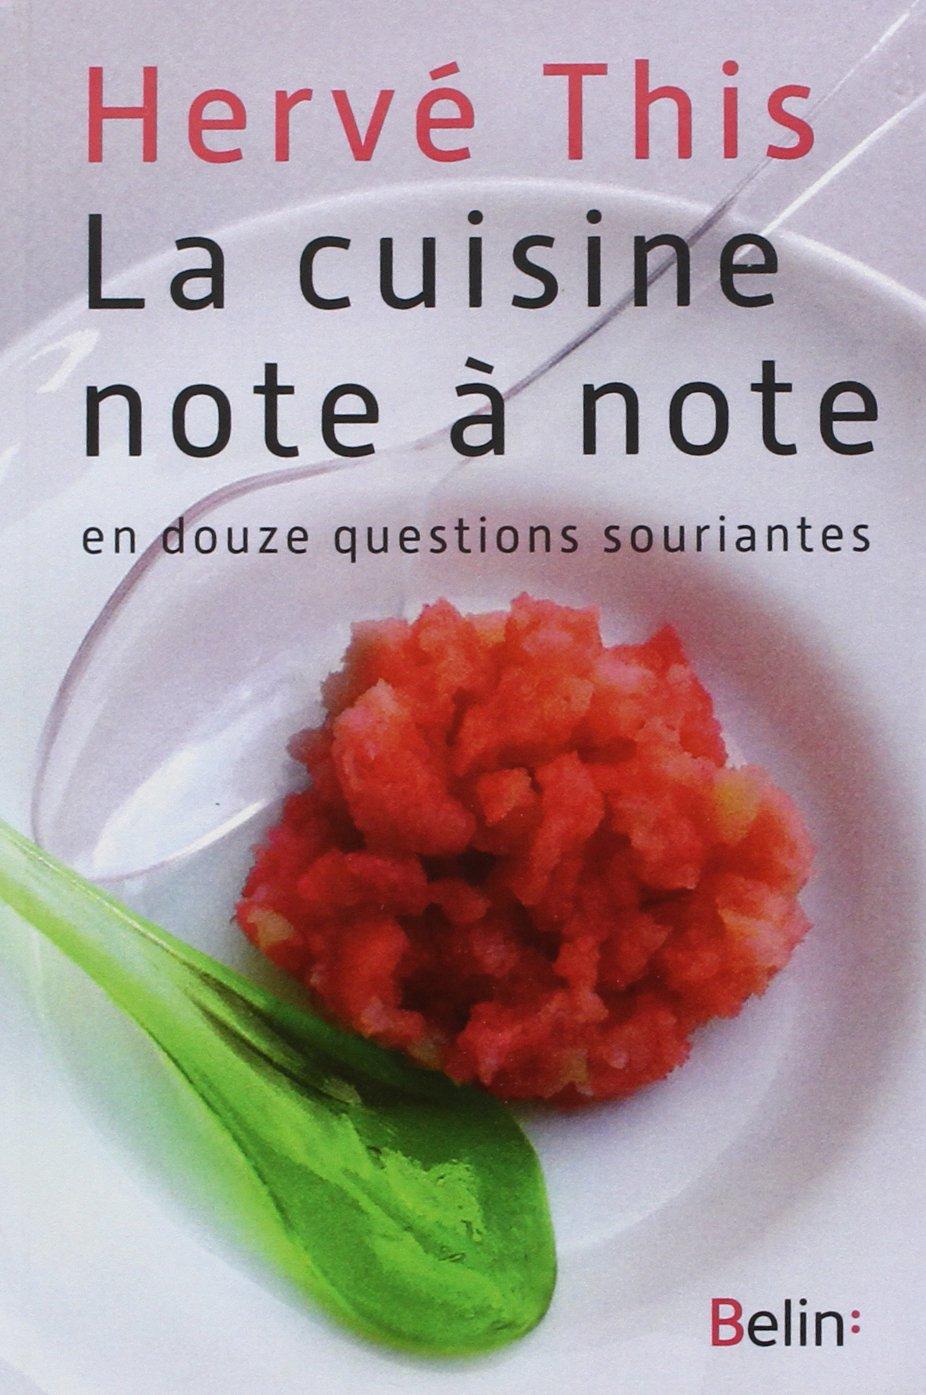 amazon.fr - la cuisine note à note - hervé this - livres - Composer Cuisine En Ligne